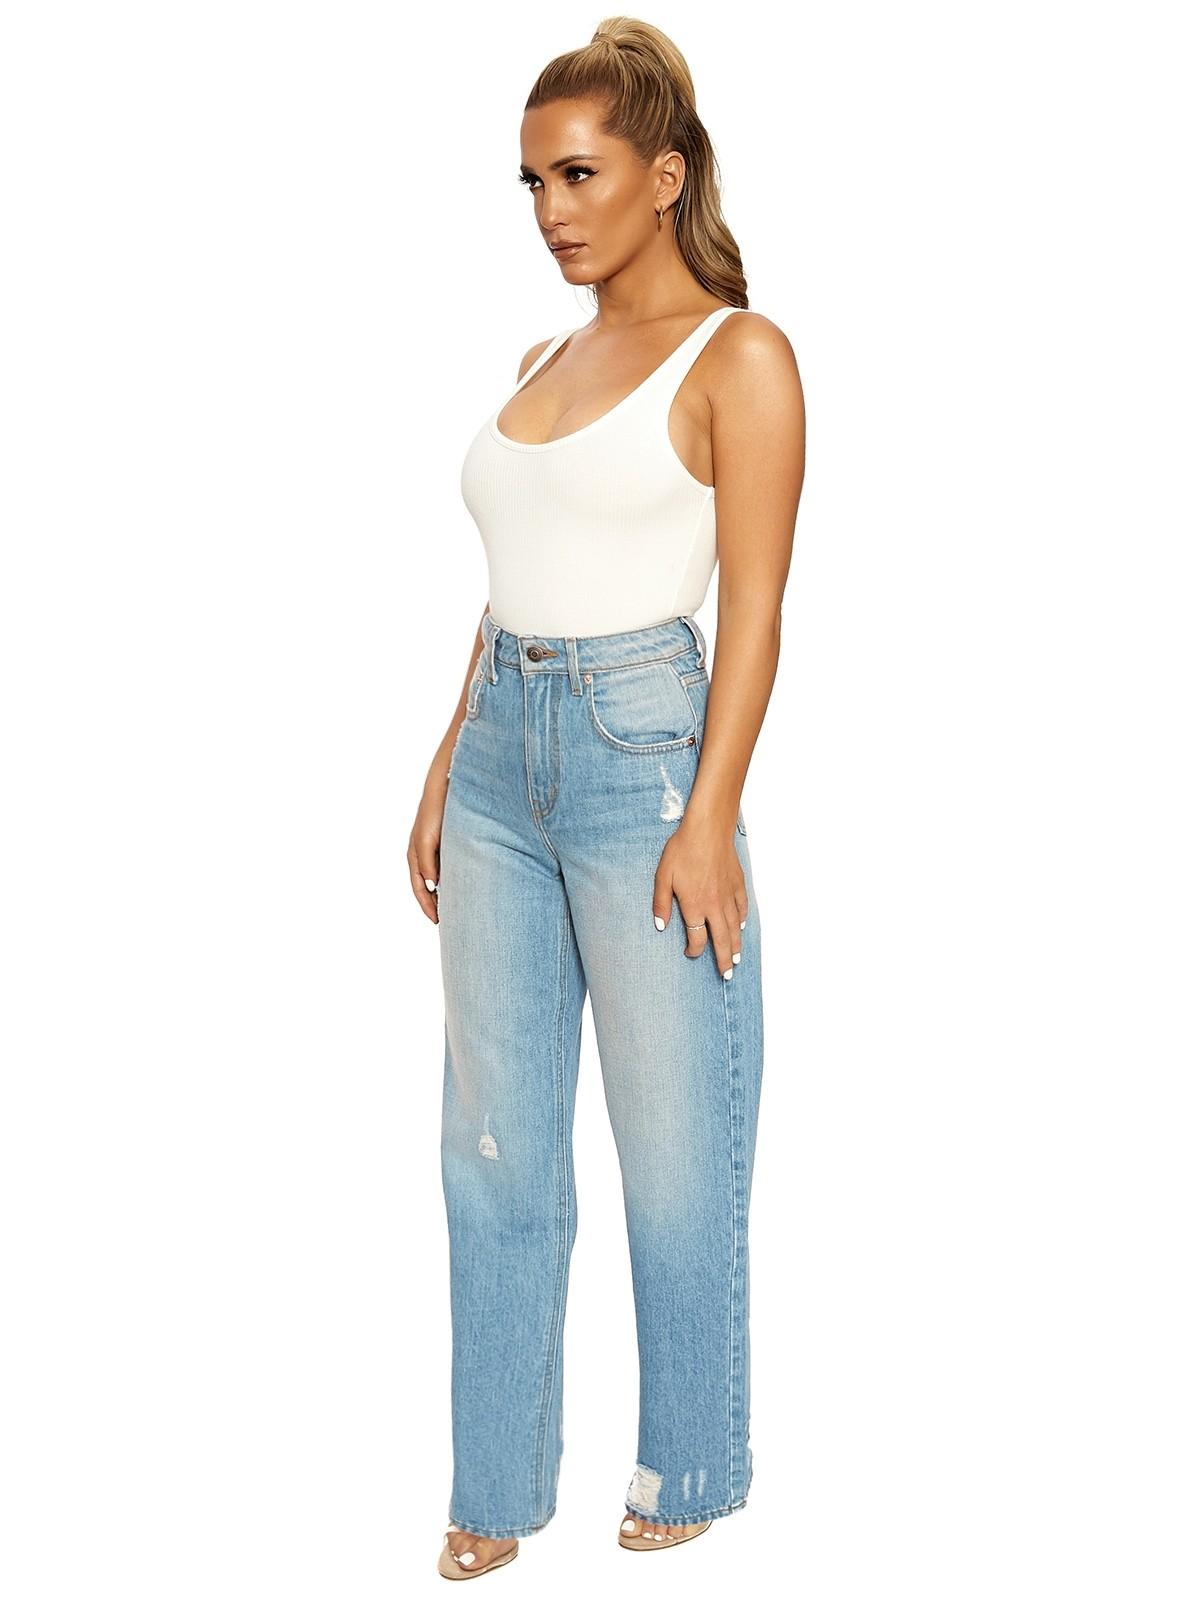 Dope Girl Denim Jeans